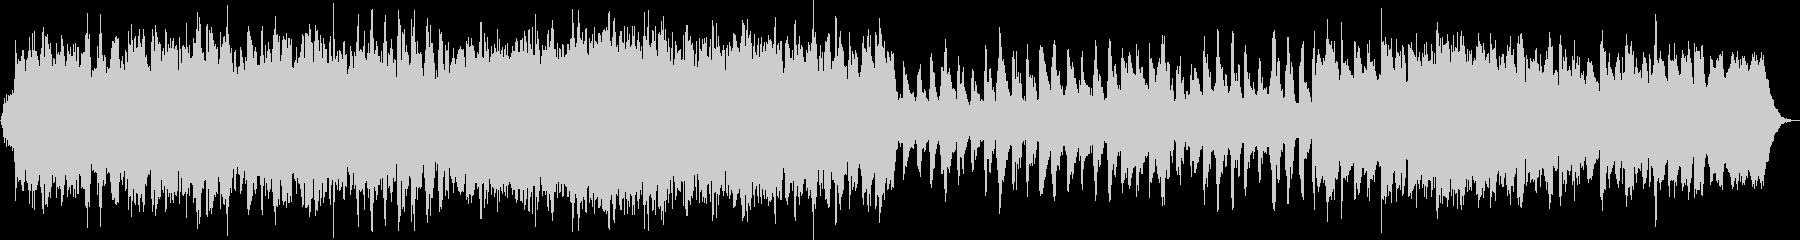 感動的なストリングスとピアノの未再生の波形